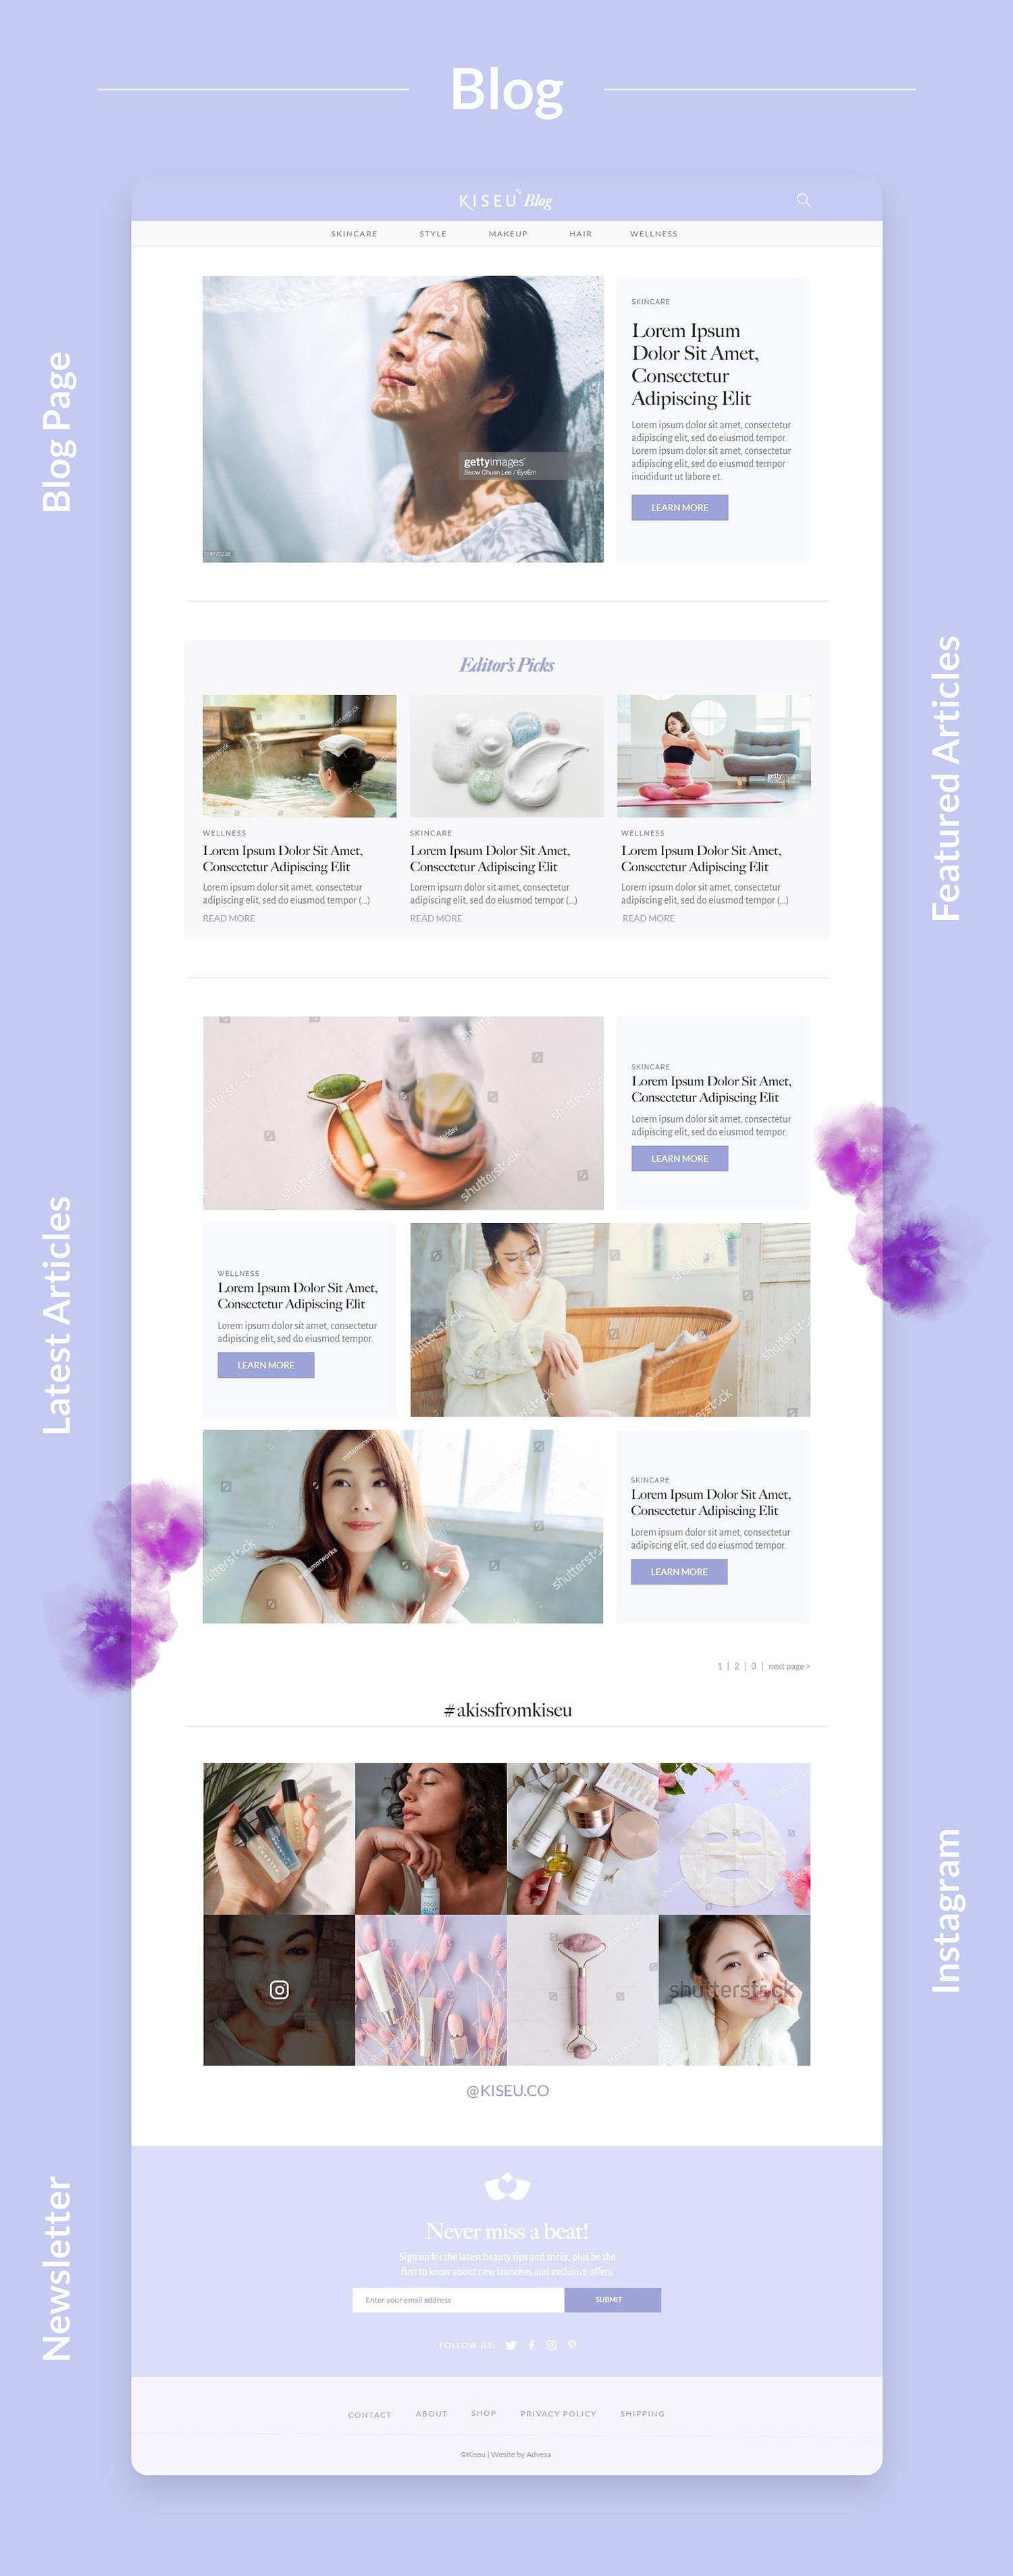 kiseu-blog.jpg